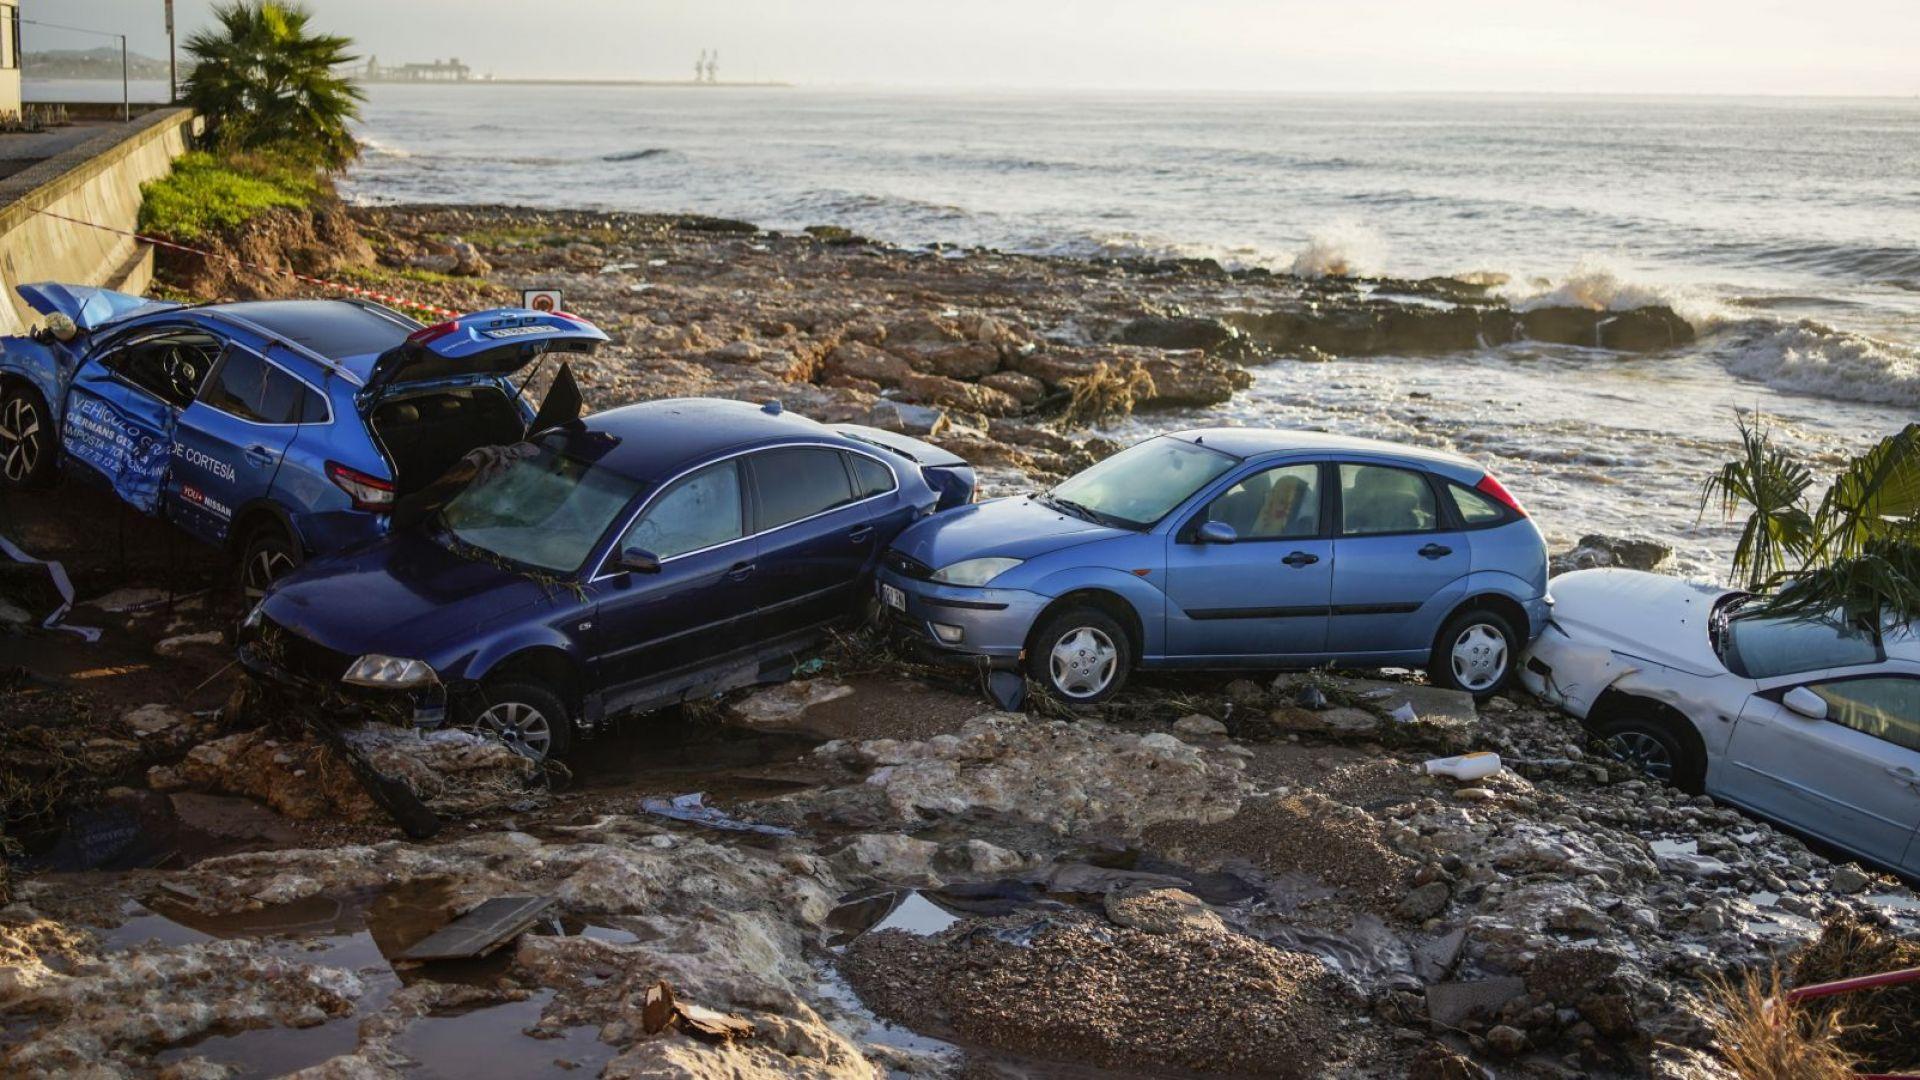 """Автомобили """"заплаваха"""" към морето след тежки наводнения в Испания (снимки/видео)"""